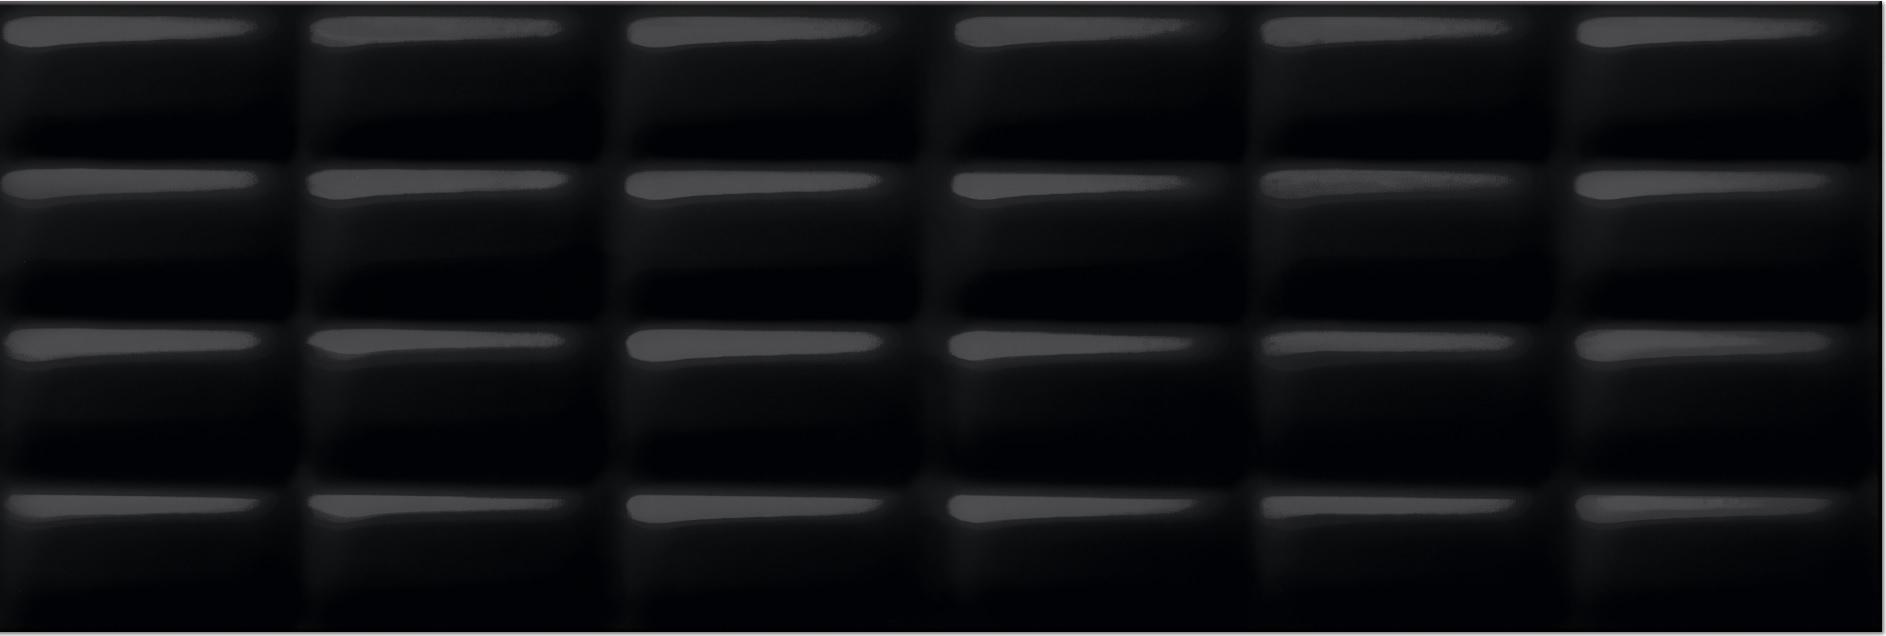 Musterfliese Meissen Magic Pillow Schwarz Glänzend X Cm - Bodenfliesen schwarz glanz